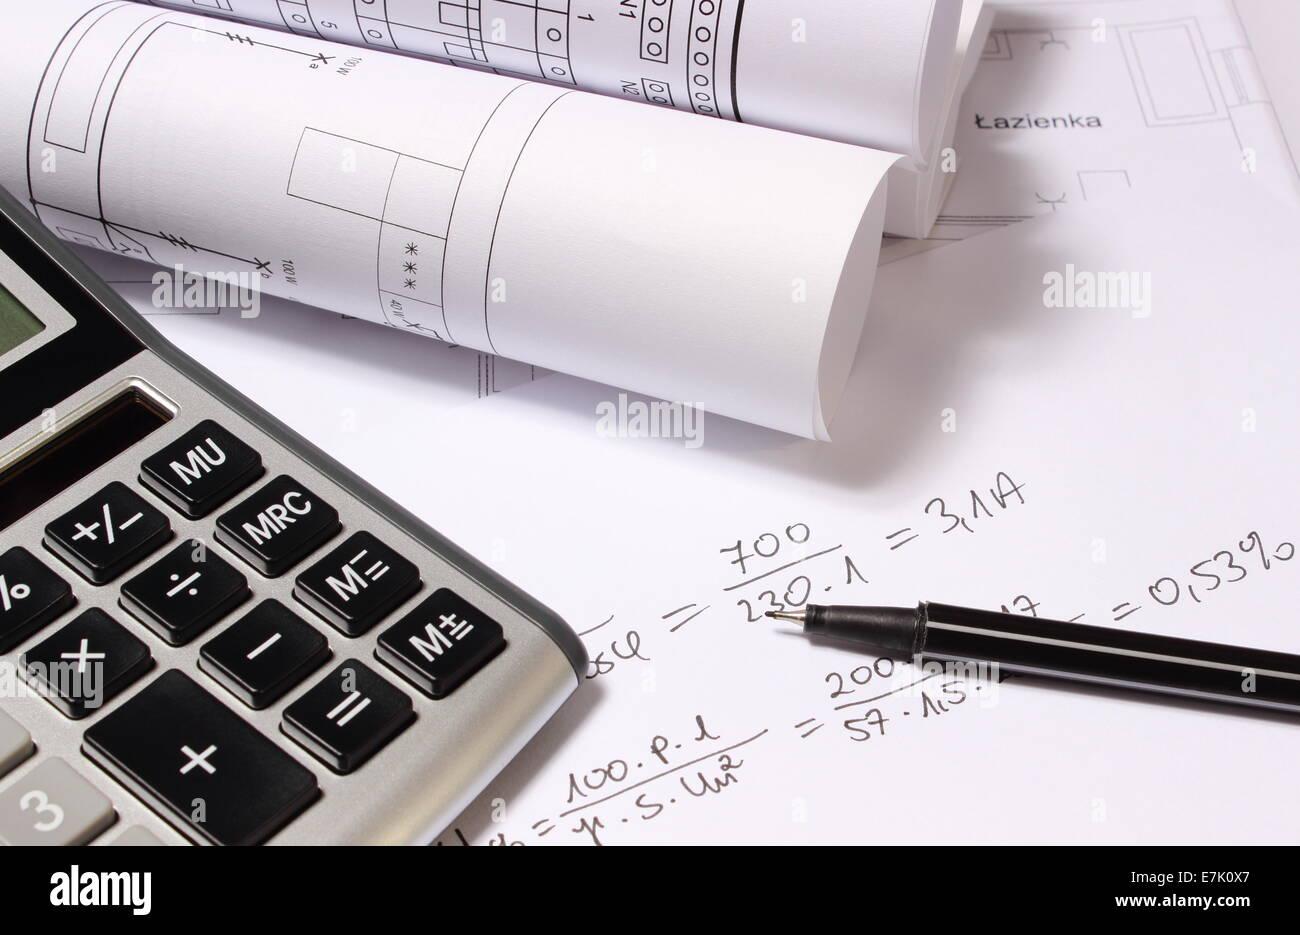 Schemi Elettrici : Laminati schemi elettrici calcolatrice e calcoli matematici per